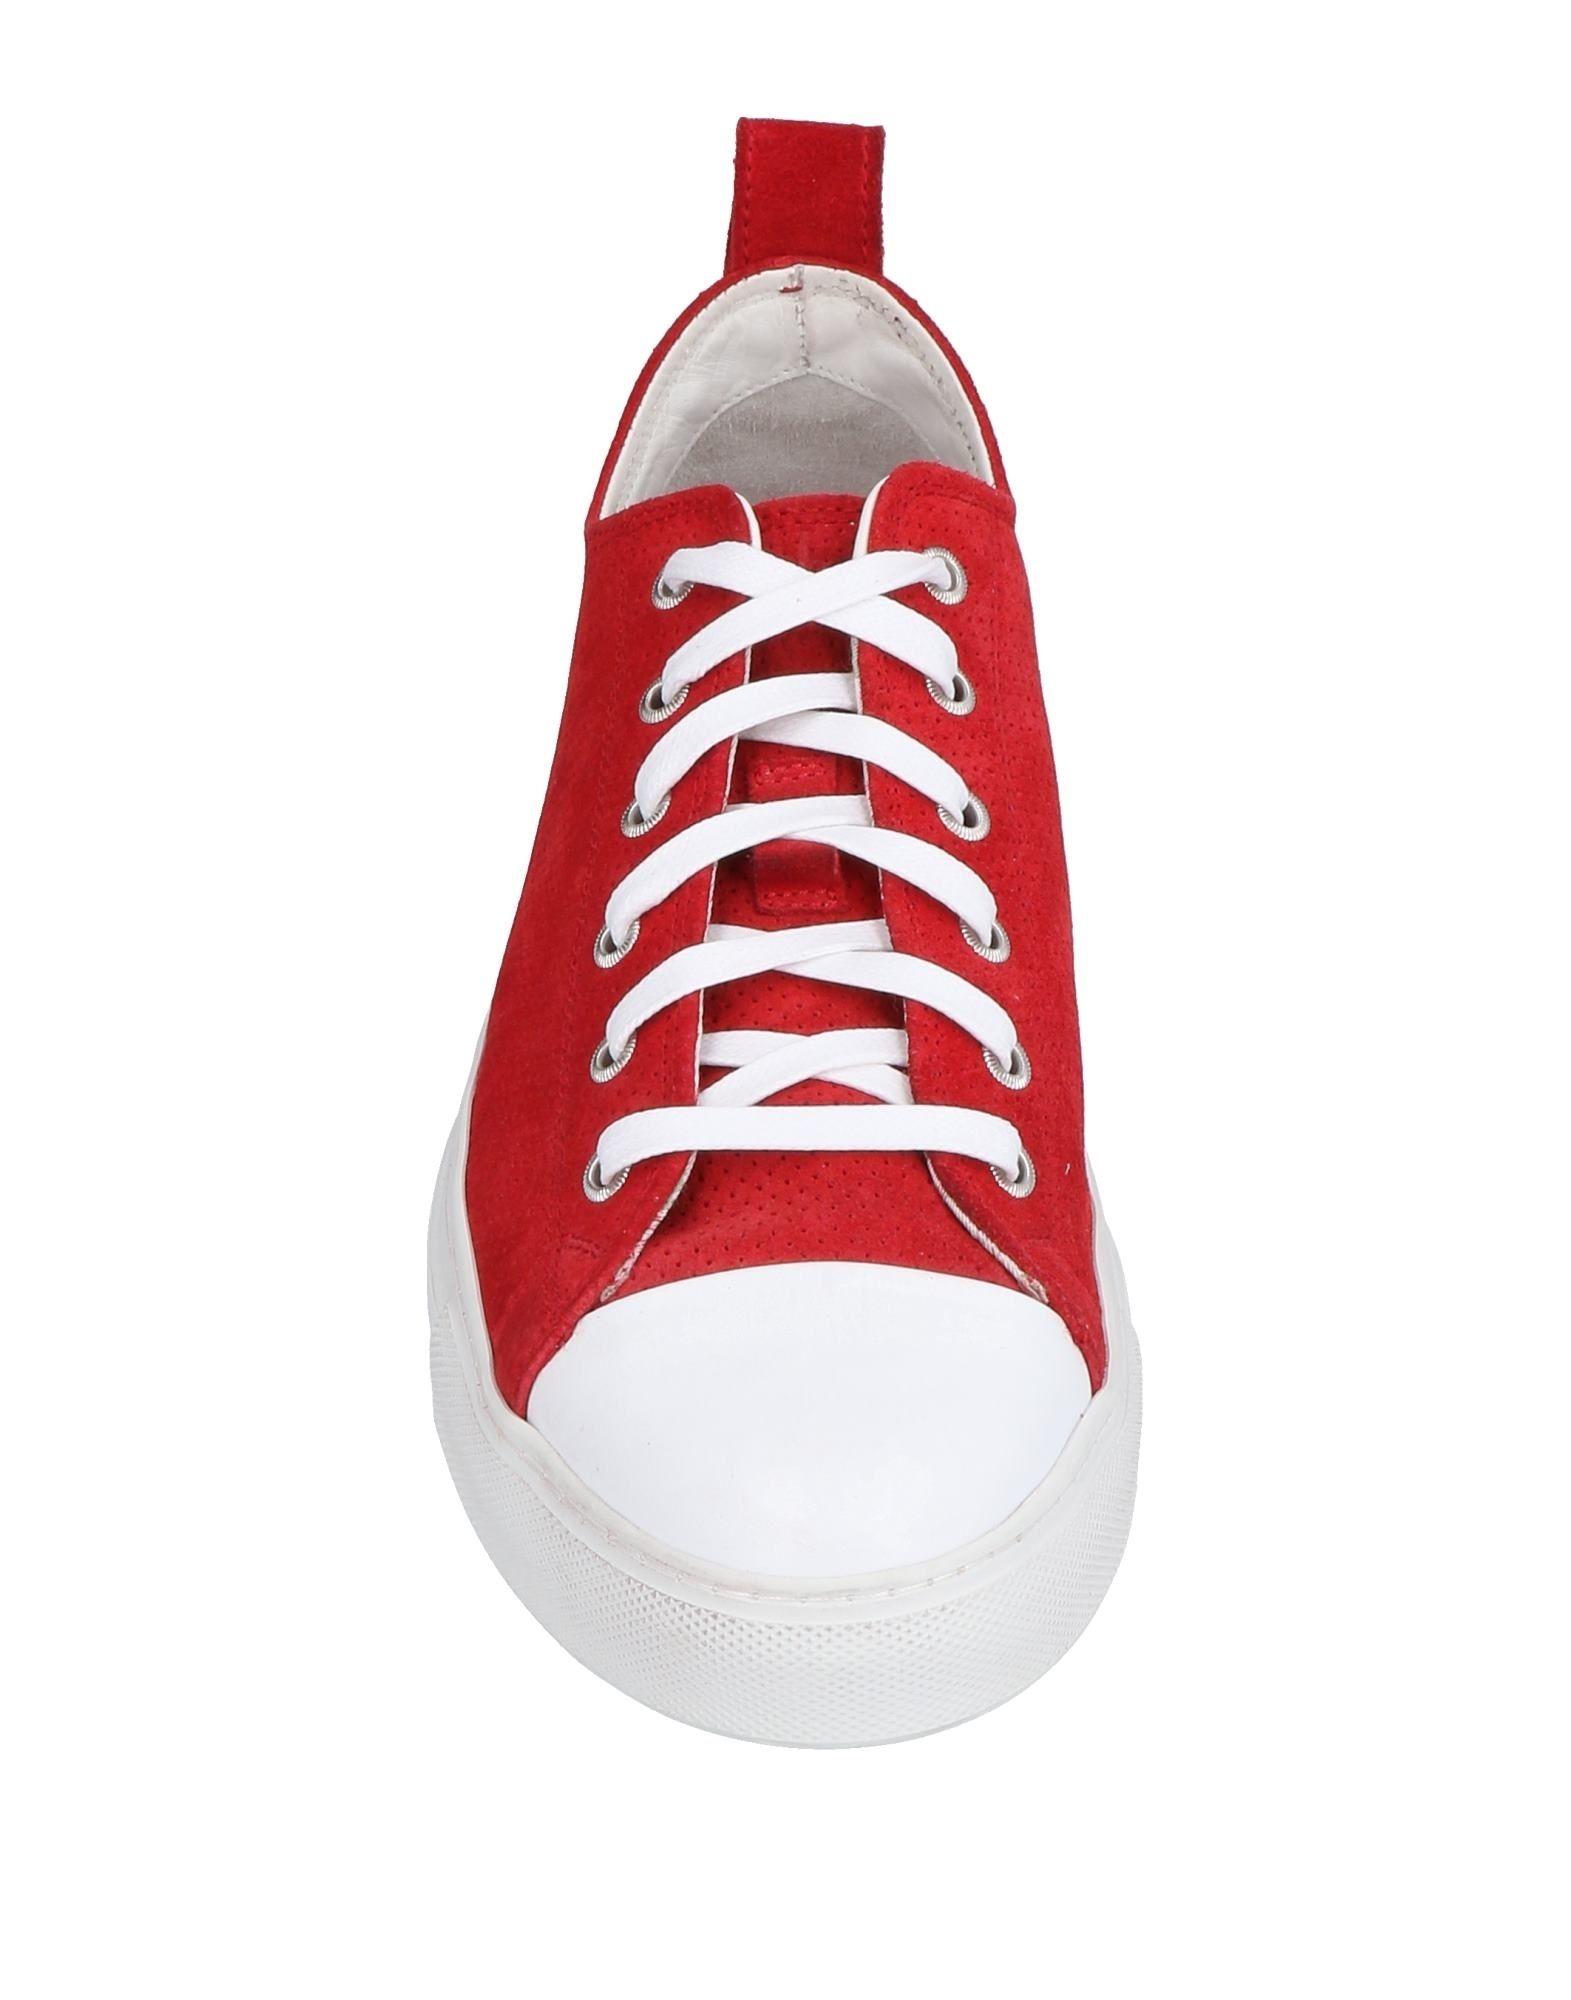 Eleventy Eleventy Eleventy Sneakers Herren Gutes Preis-Leistungs-Verhältnis, es lohnt sich 0c9183